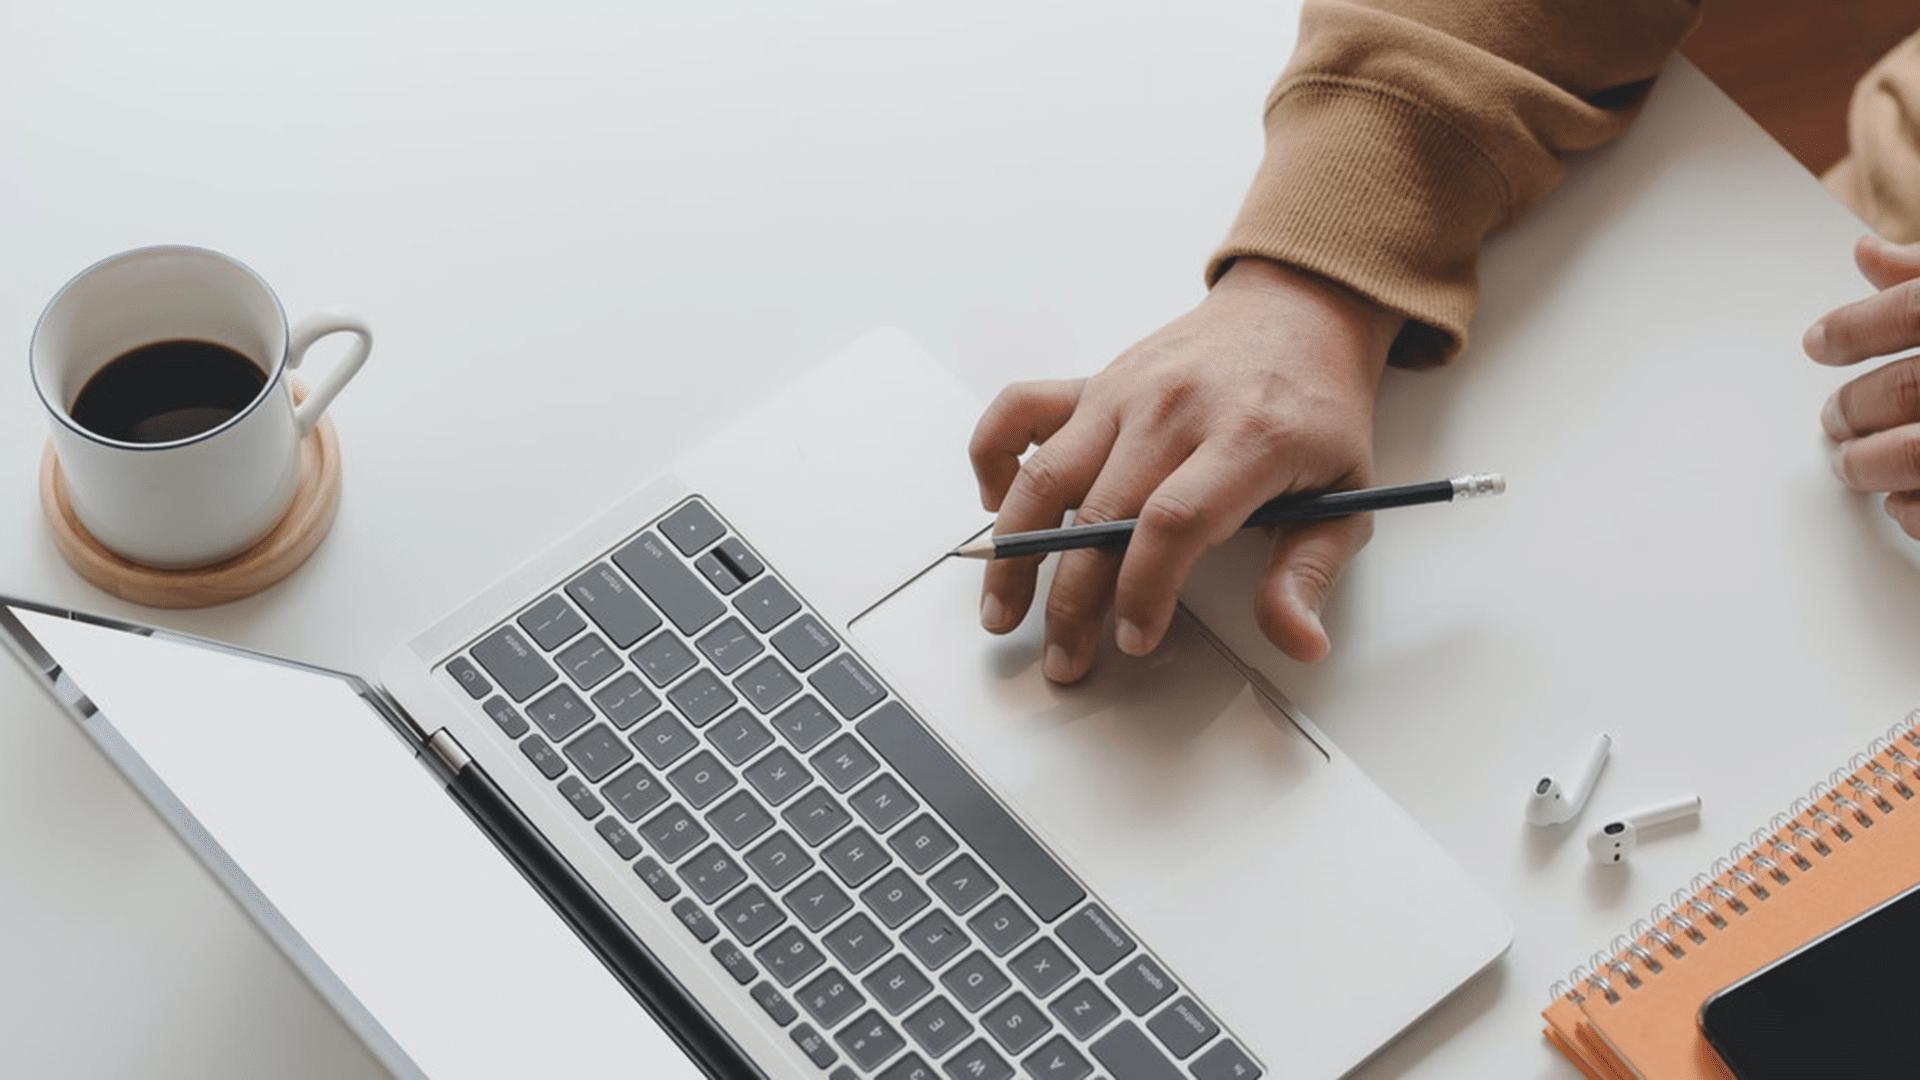 Eine Hand klickt auf einem Laptop etwas ein